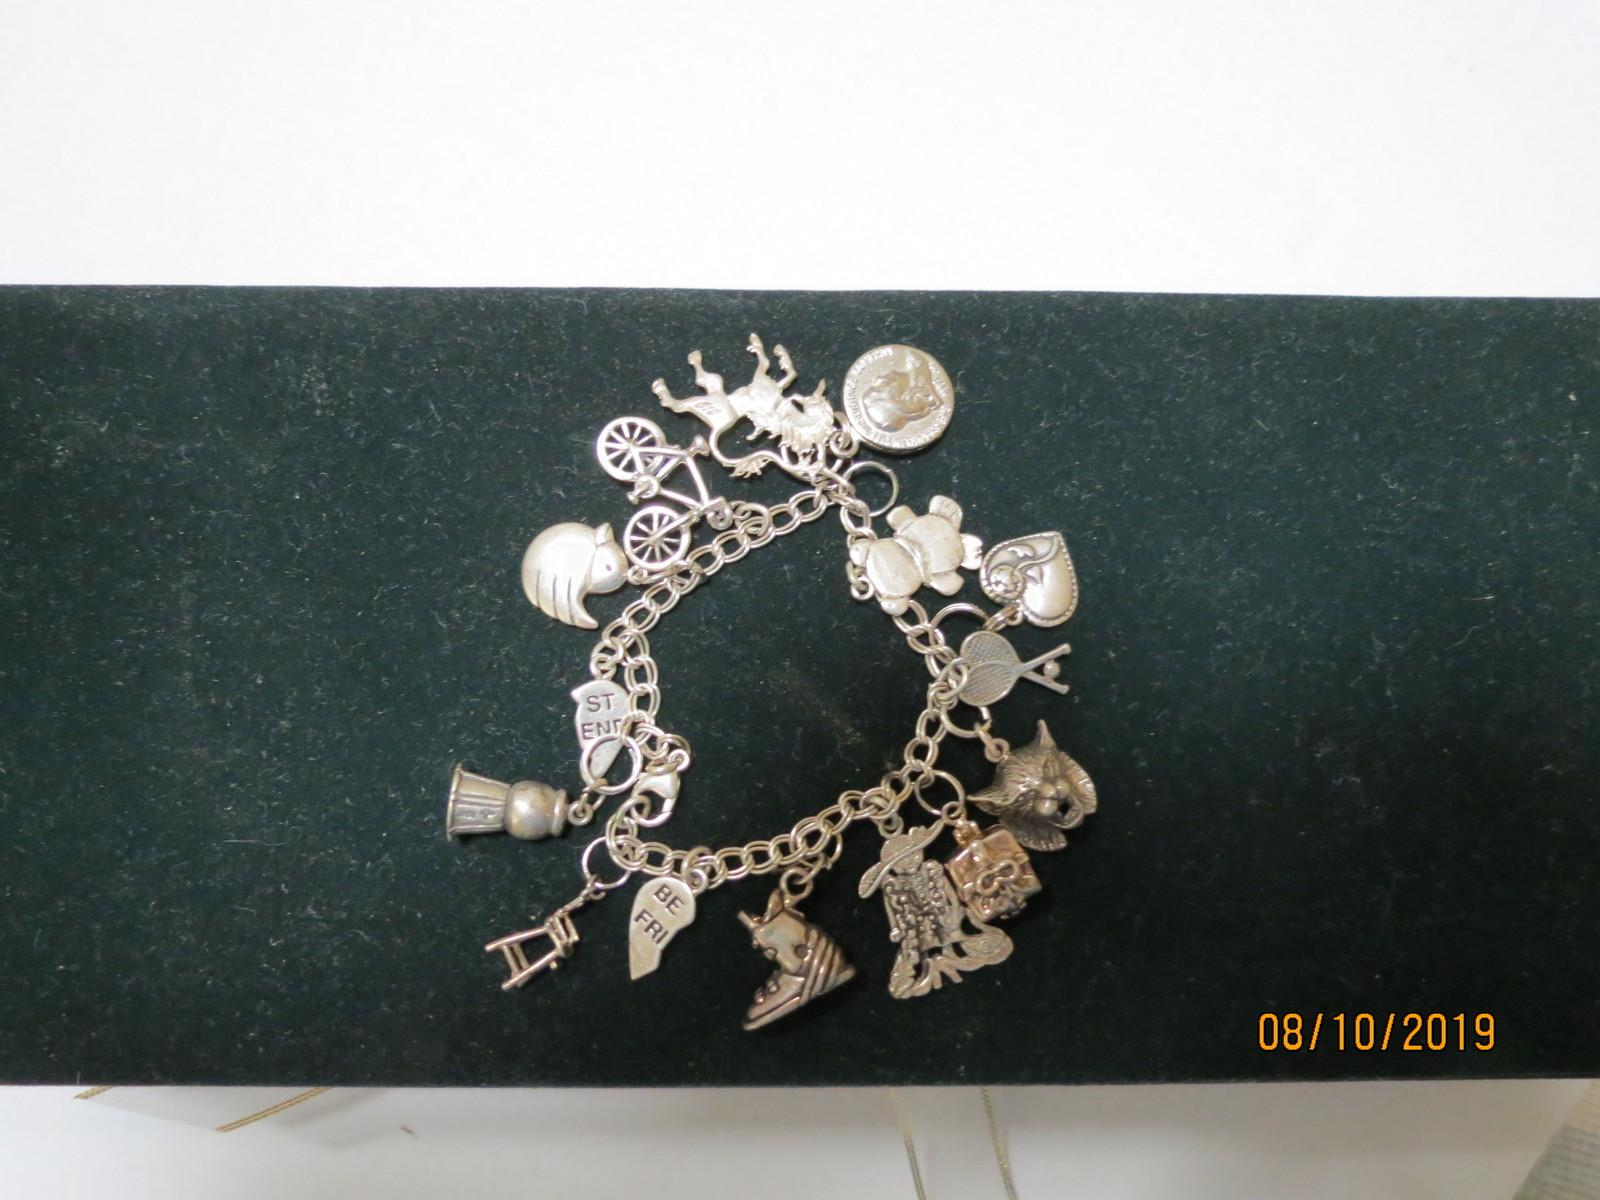 Sterling Silver charm bracelet image 3